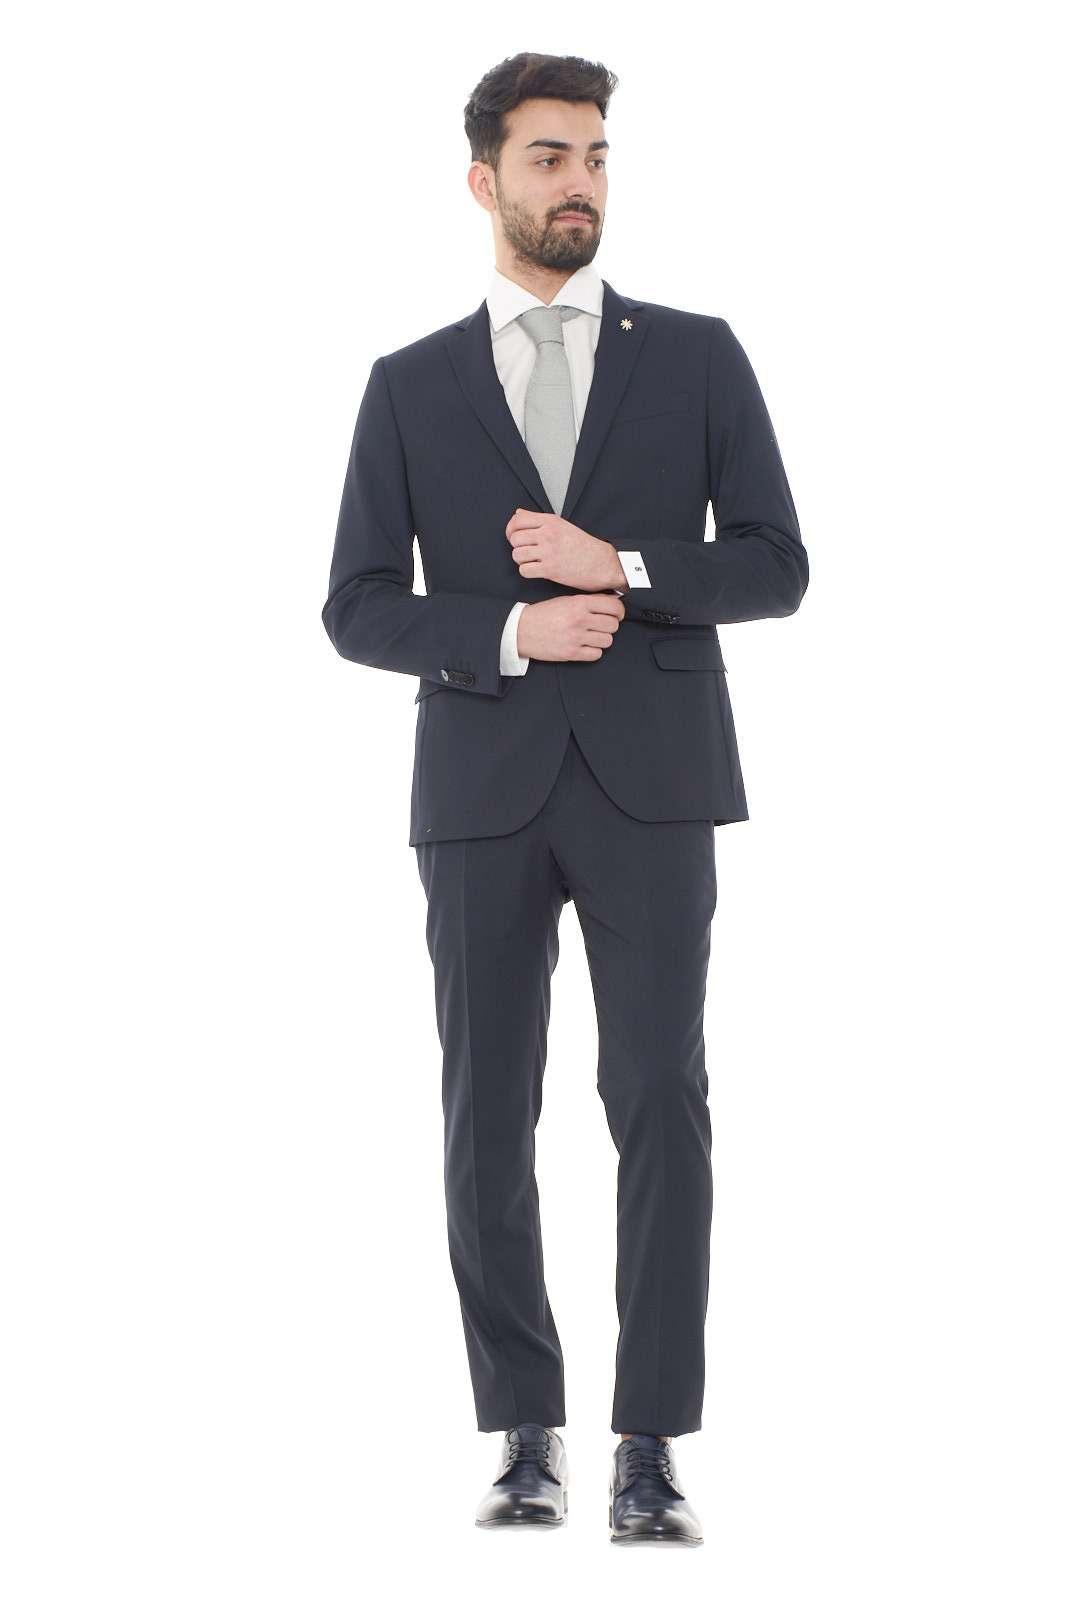 Un abito formale e affascinante quello firmato dalla collezione uomo Manuel Ritz.  La linea classica denota il look formale da indossare sia per importanti occasioni di lavoro che per cerionie.  La vestibilità slim esalta la silhouette per un risultato elegante e glamour.